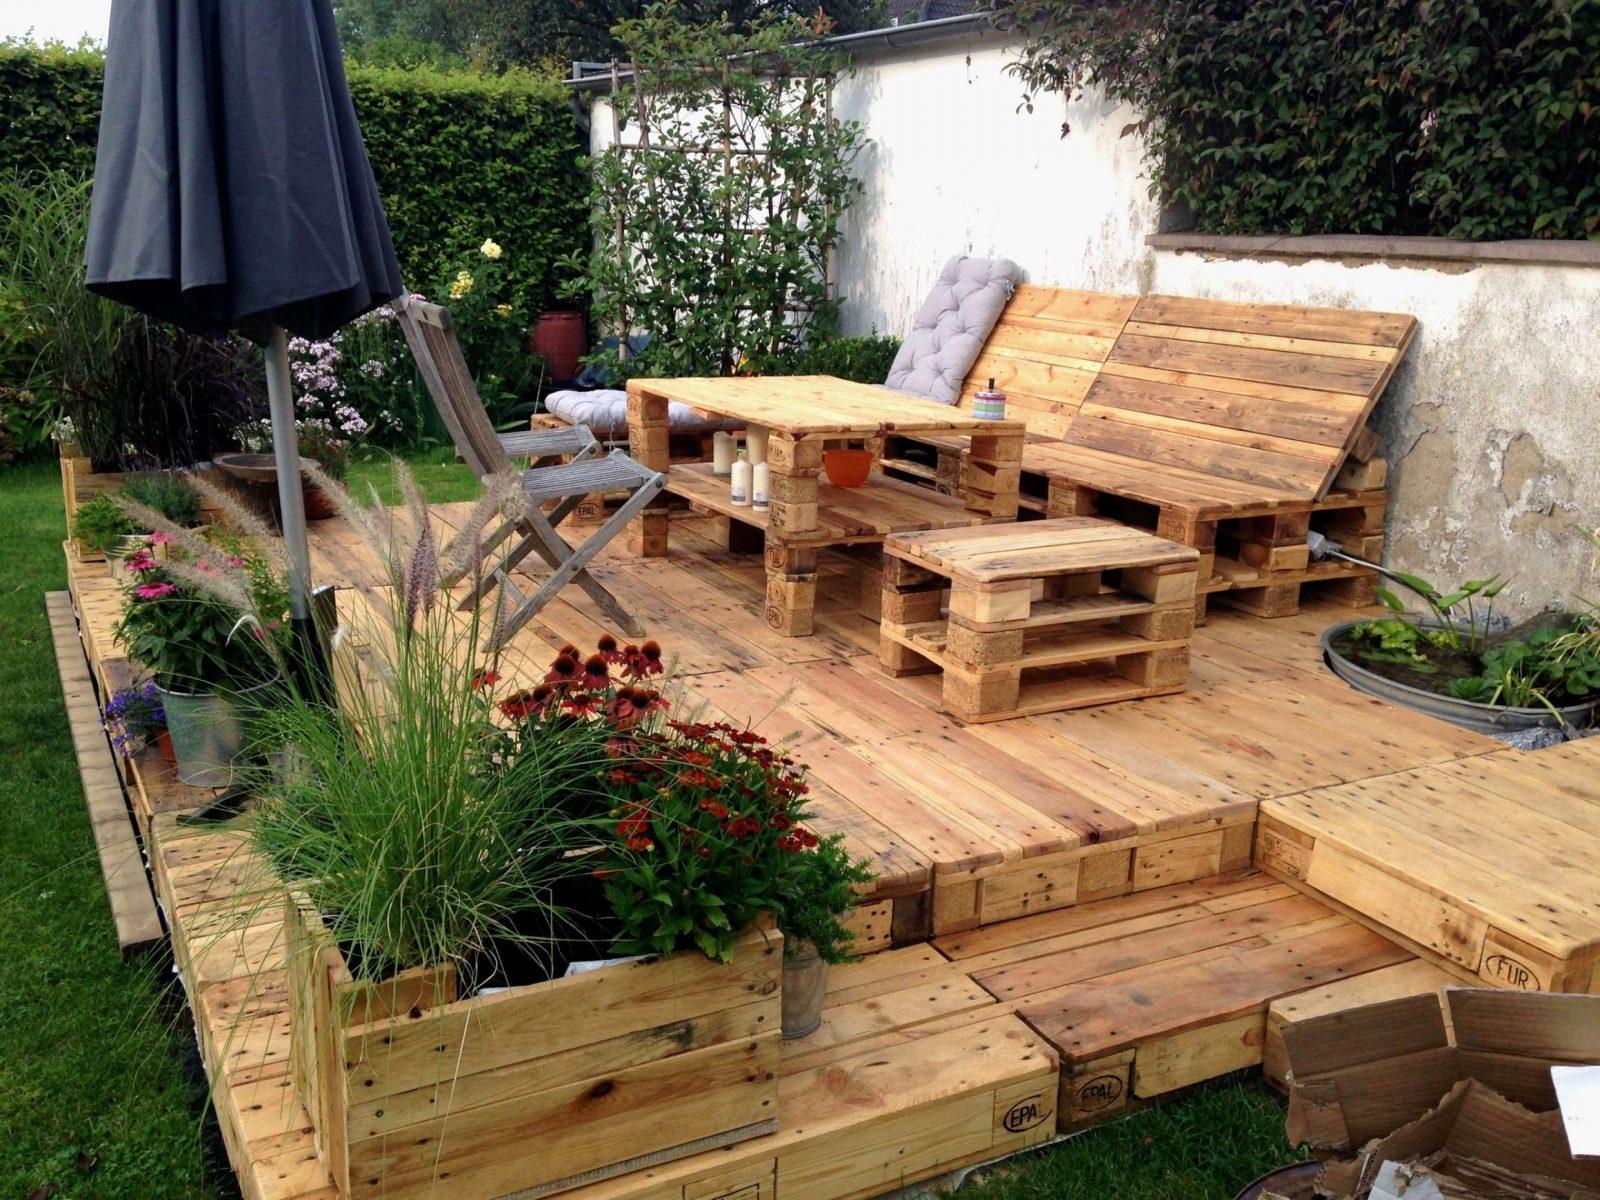 Terrasse Mit Stufen Zum Garten Frisch Terrassen Treppen Selber Bauen von Freitragende Treppe Selber Bauen Photo